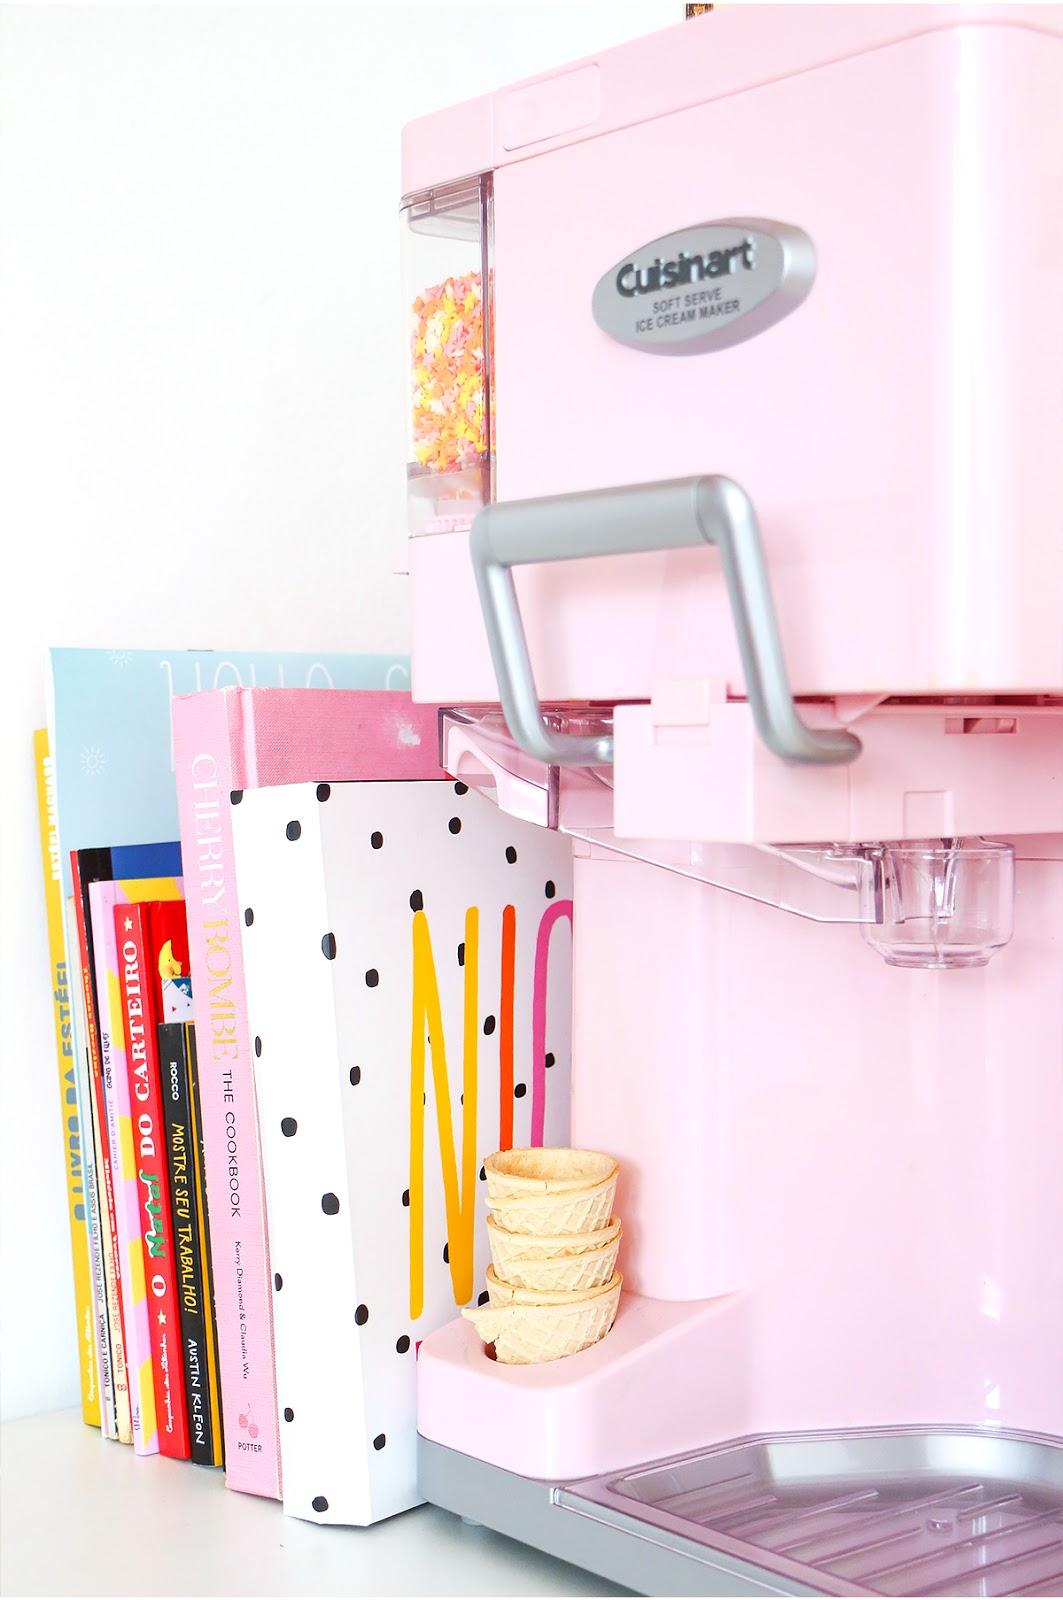 maquina de sorvete retro cor de rosa cuisinart